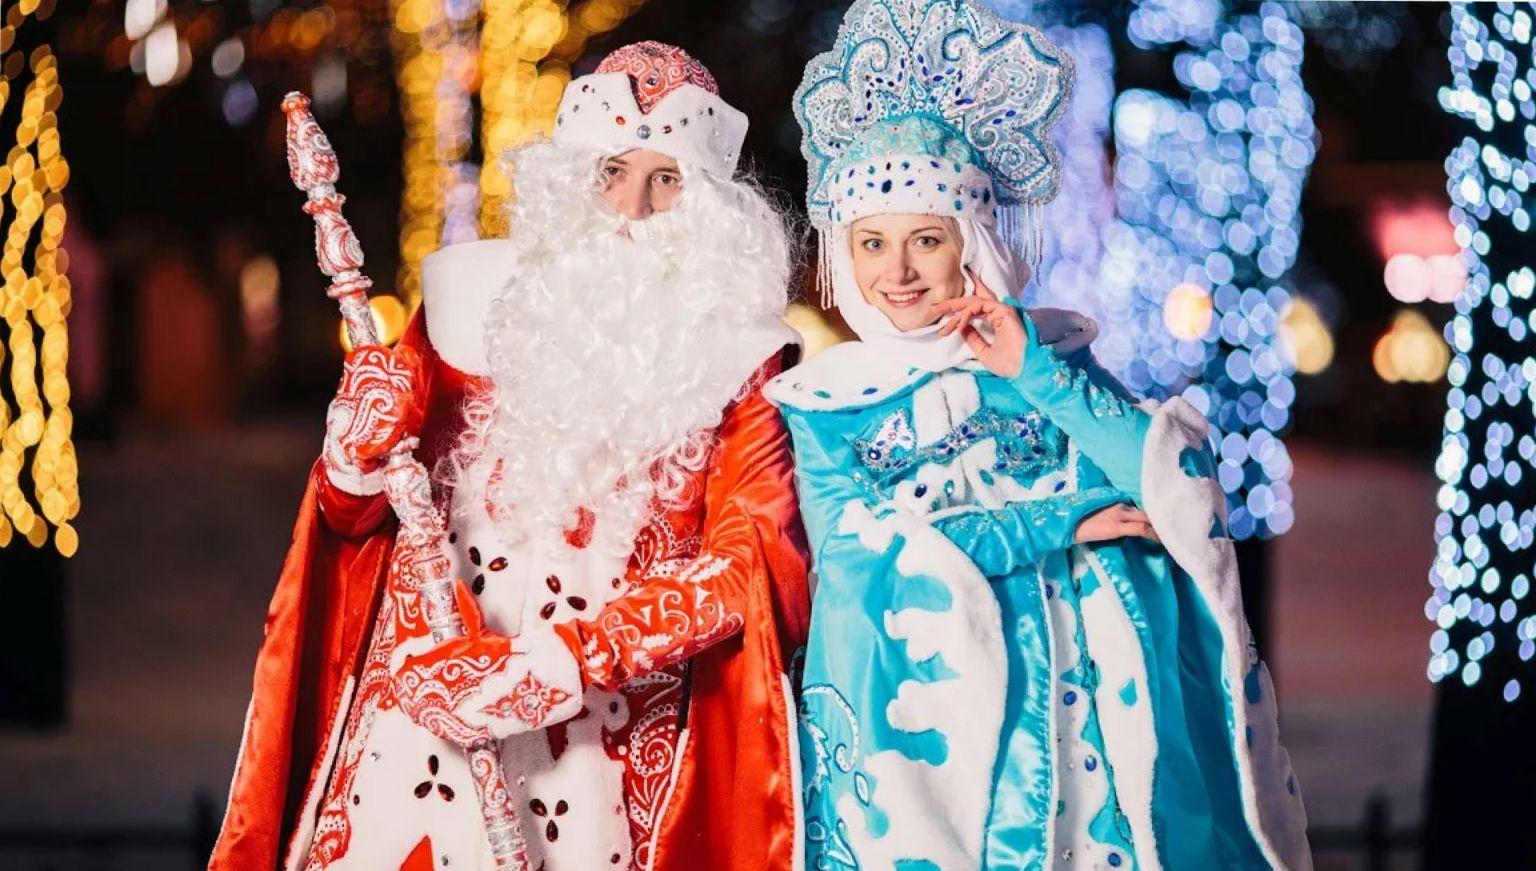 В России в 2 раза возросло число резюме Дедов Морозов и Снегурочек